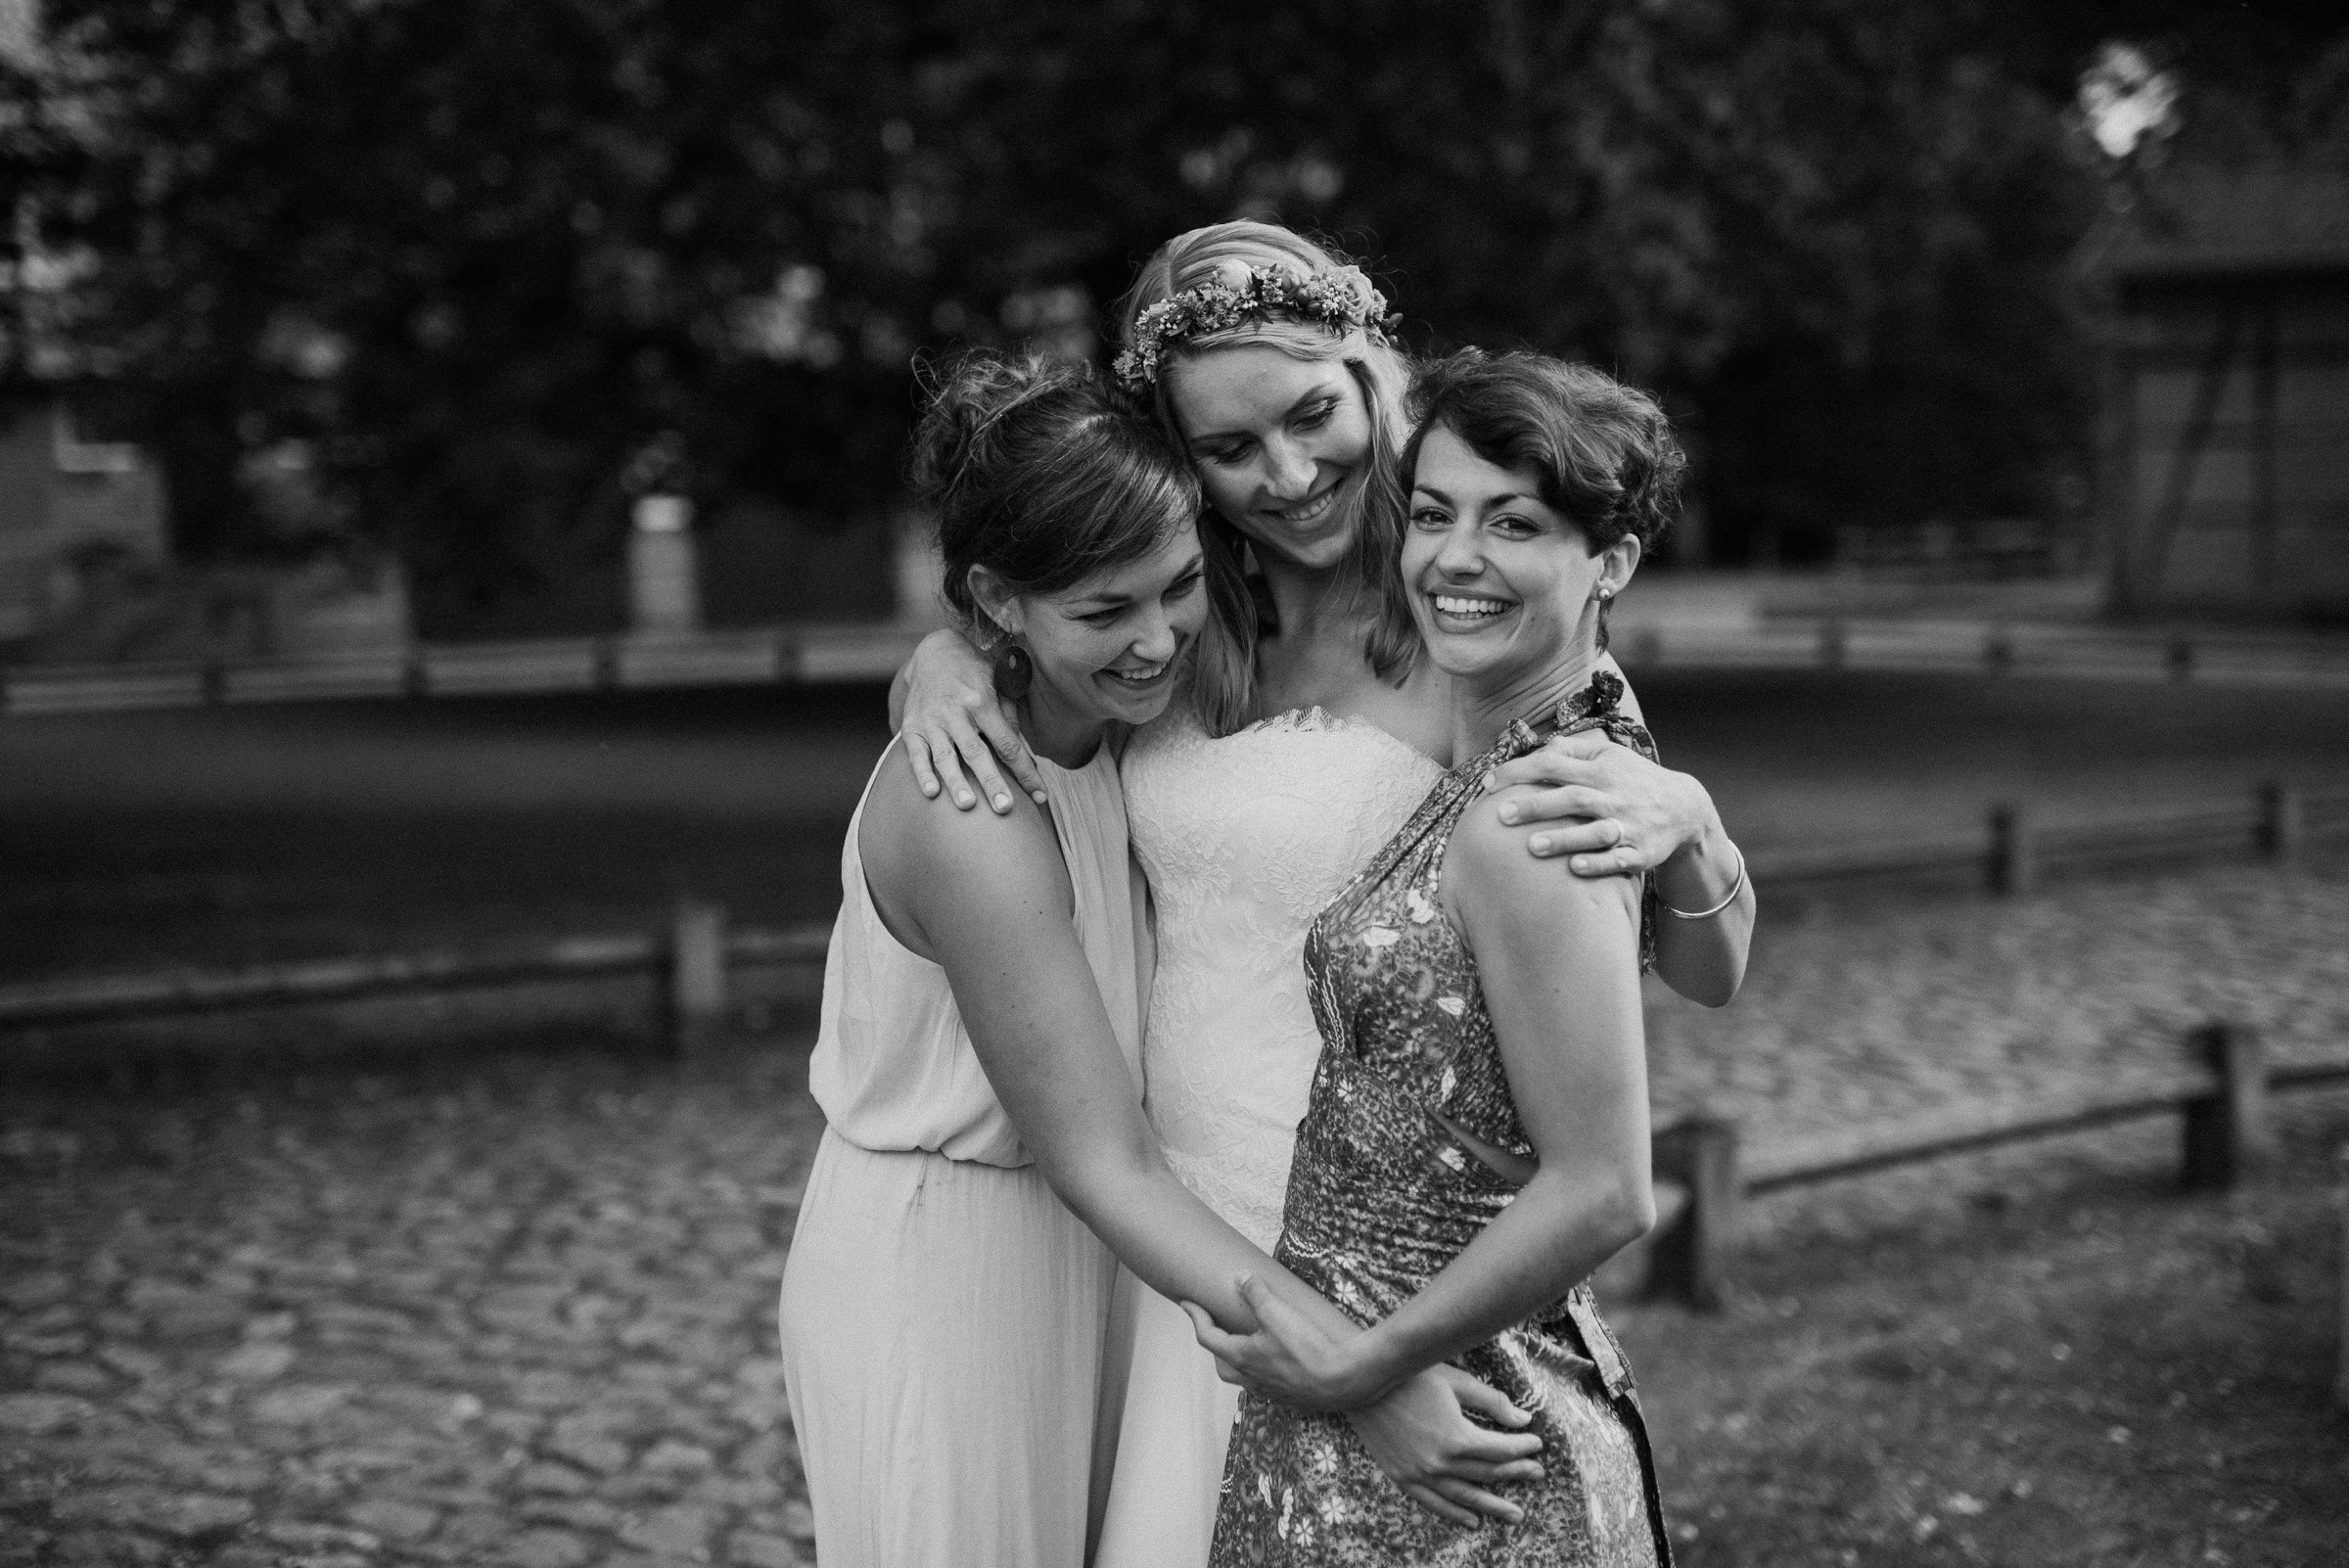 Freundinnen, real Love, Freundschaft, Hochzeitsbilder